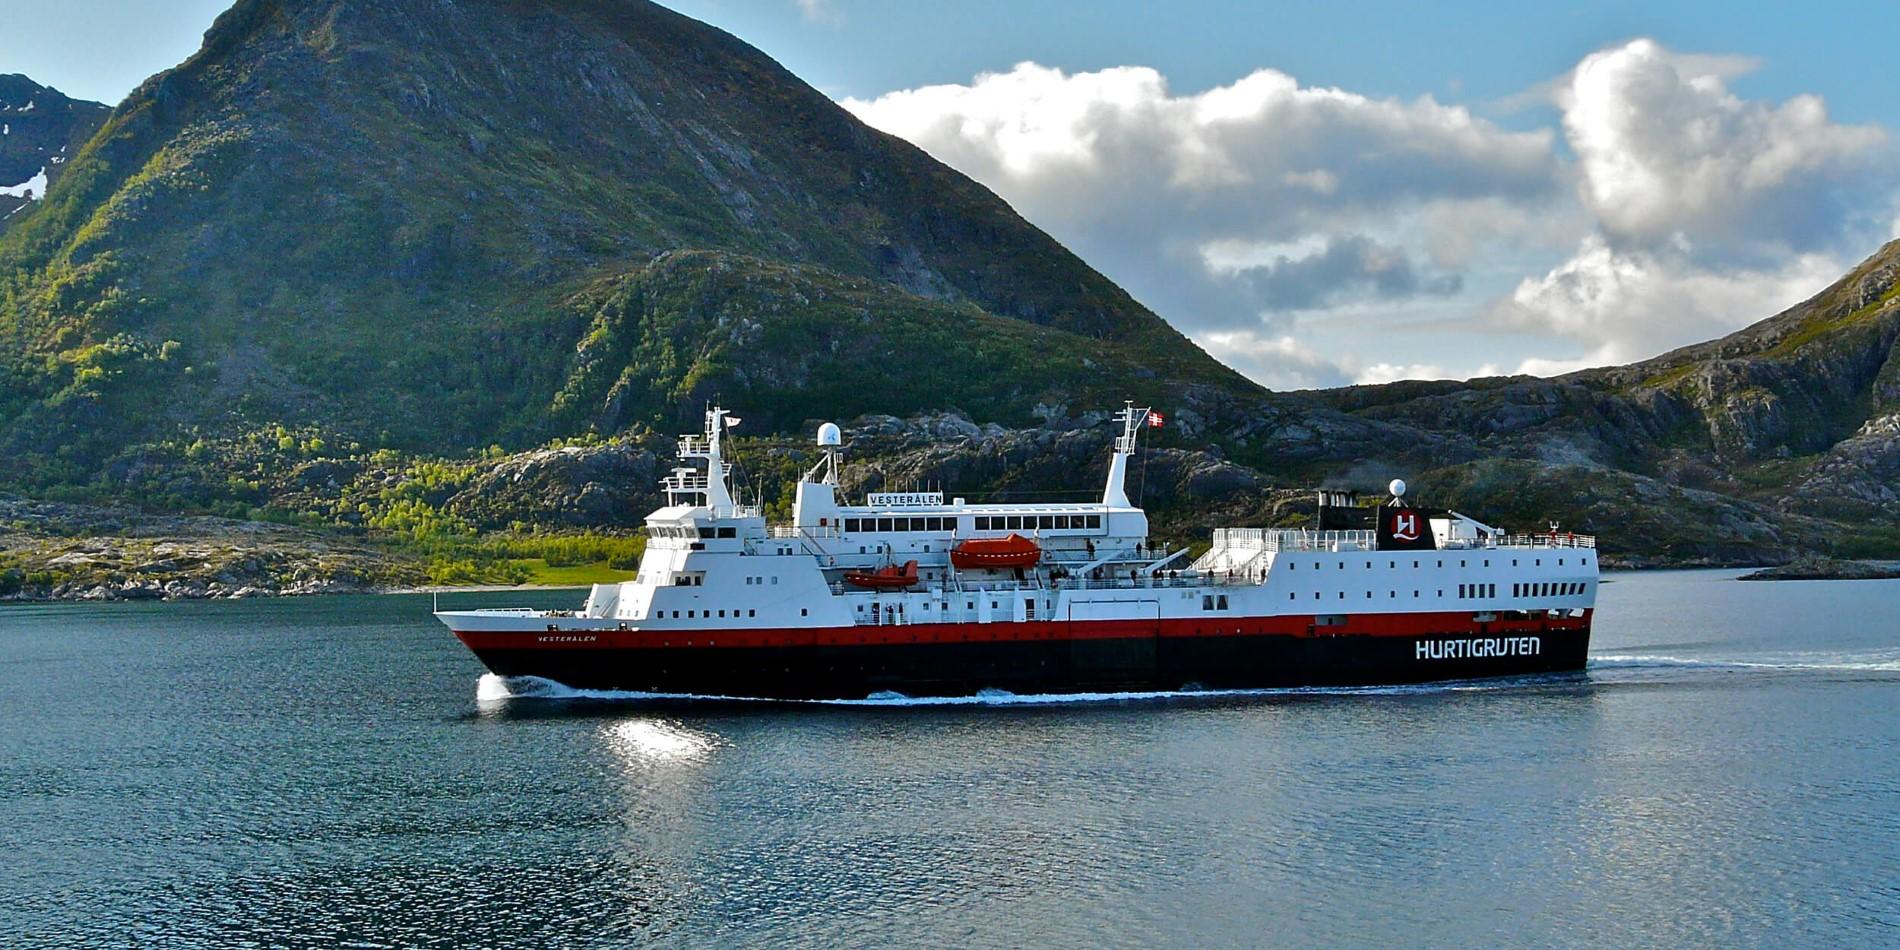 В Норвегии круизные корабли будут заправлять гнилой рыбой.Вокруг Света. Украина